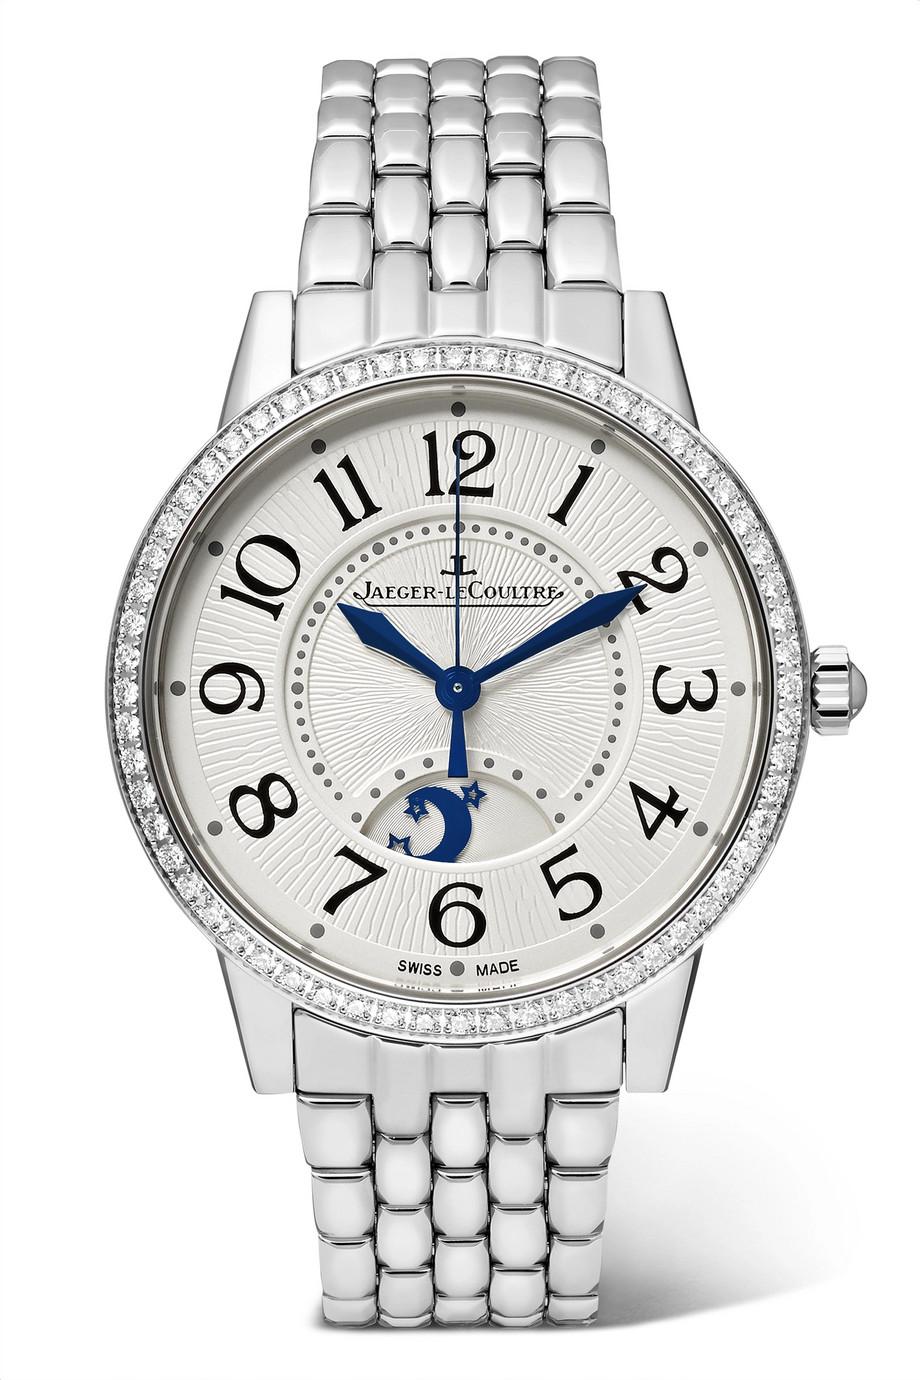 ساعات لمناسباتك من الماس Jaeger-lecoultre_0